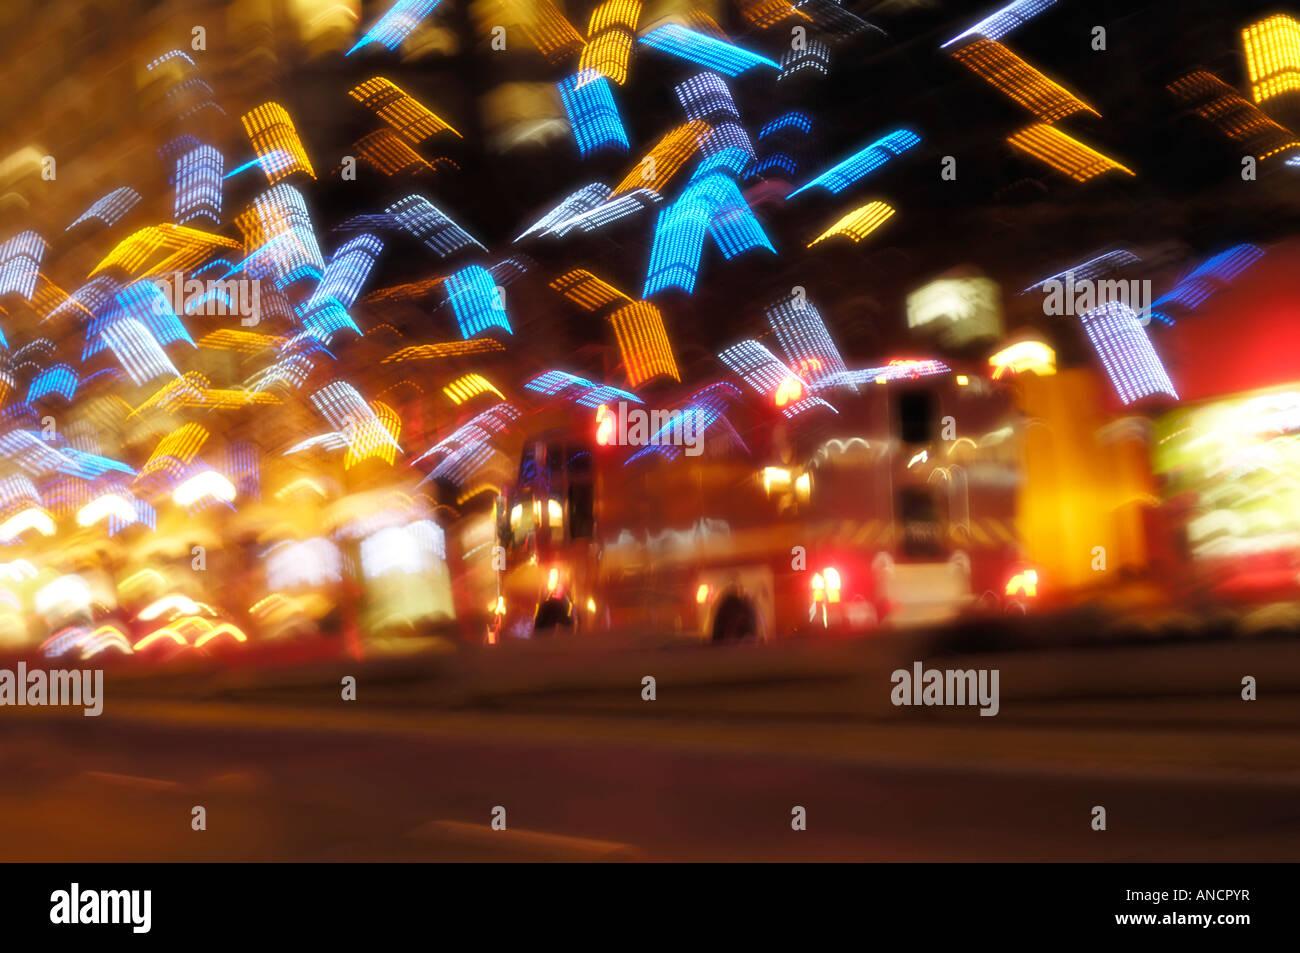 Abstract vacanza colorate luci della città di notte Immagini Stock